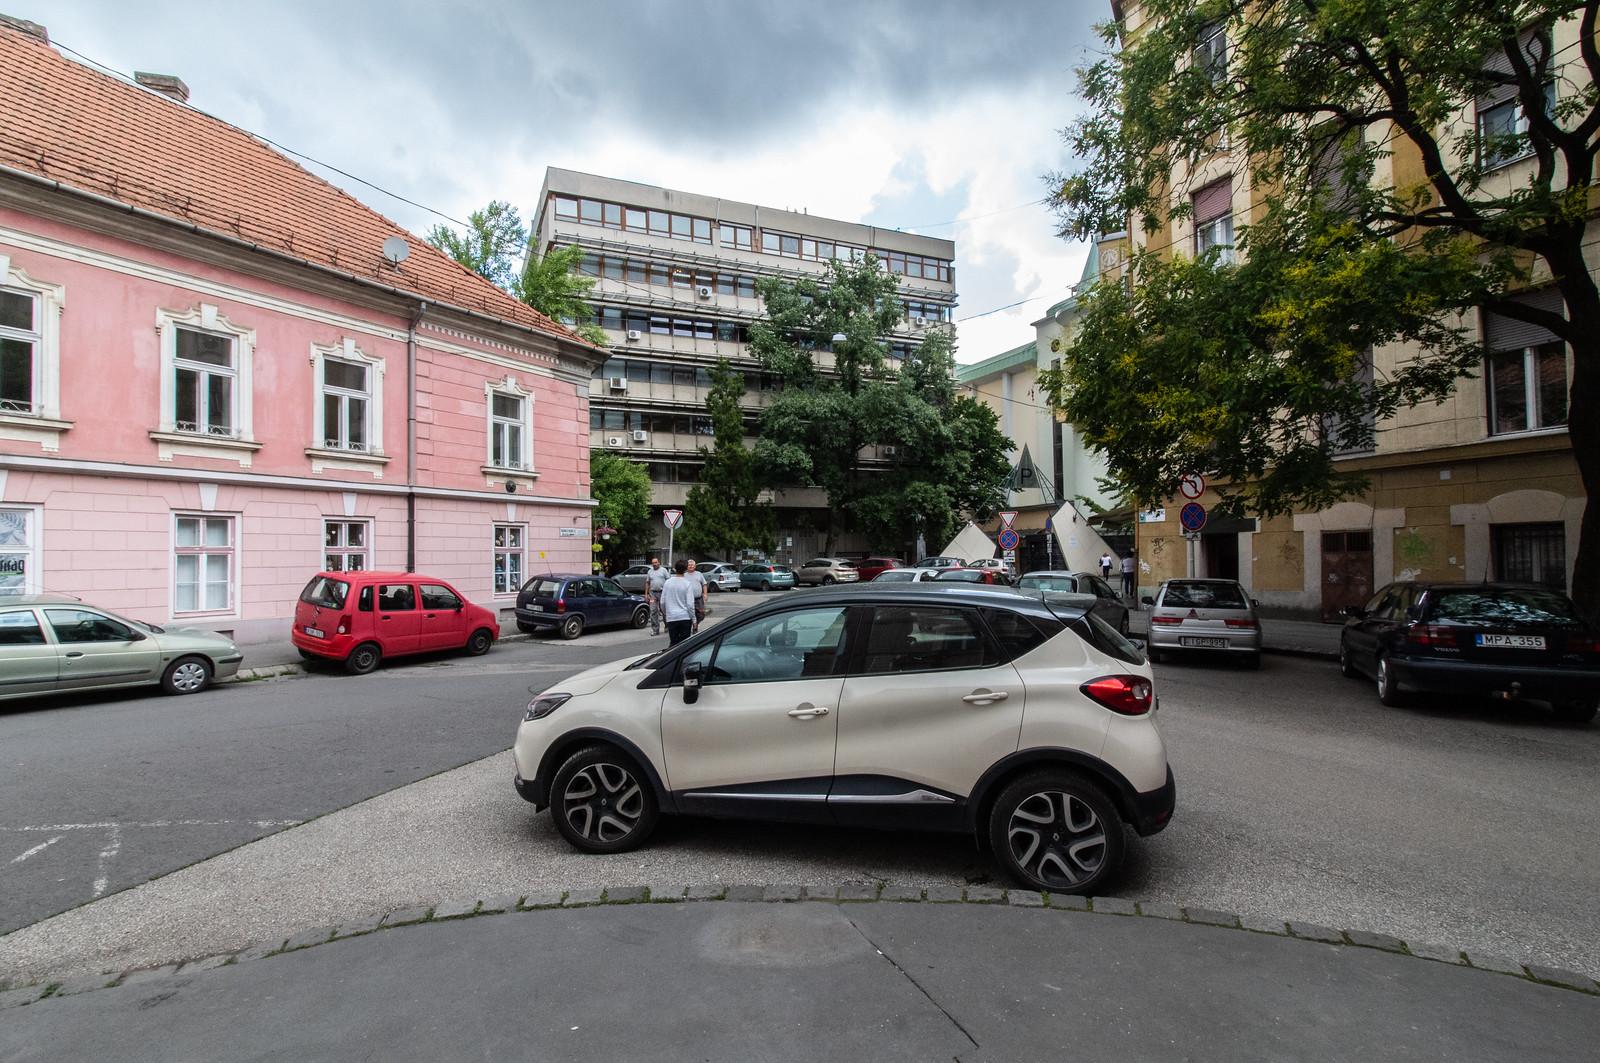 Az ingyenes parkolás tényleg gallyra vágta a belvárost